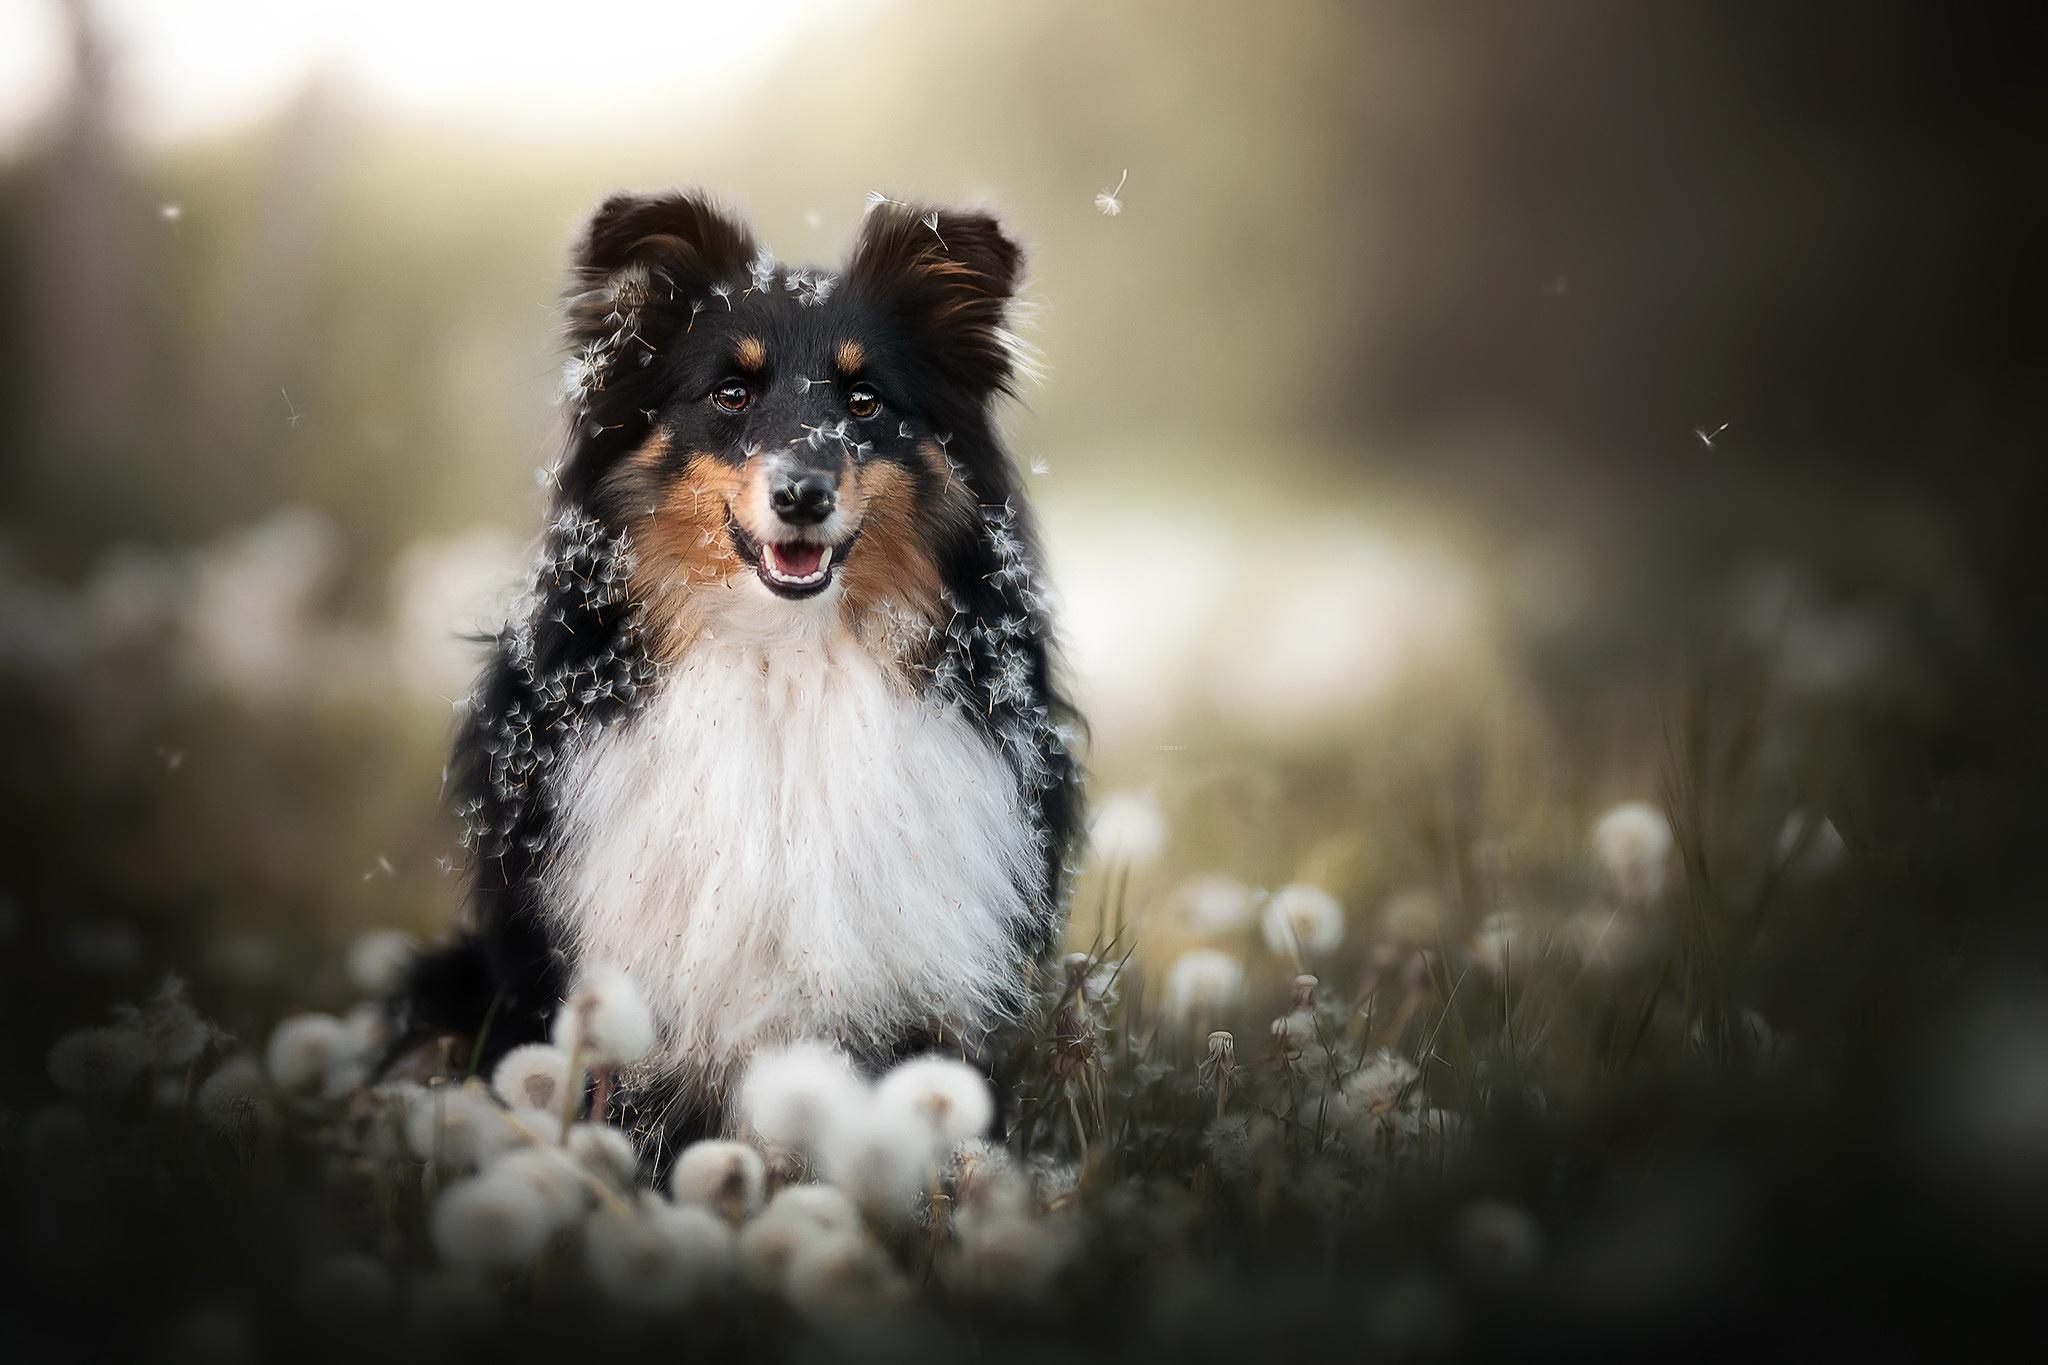 Dog Dandelion Depth Of Field Pet 2048x1365